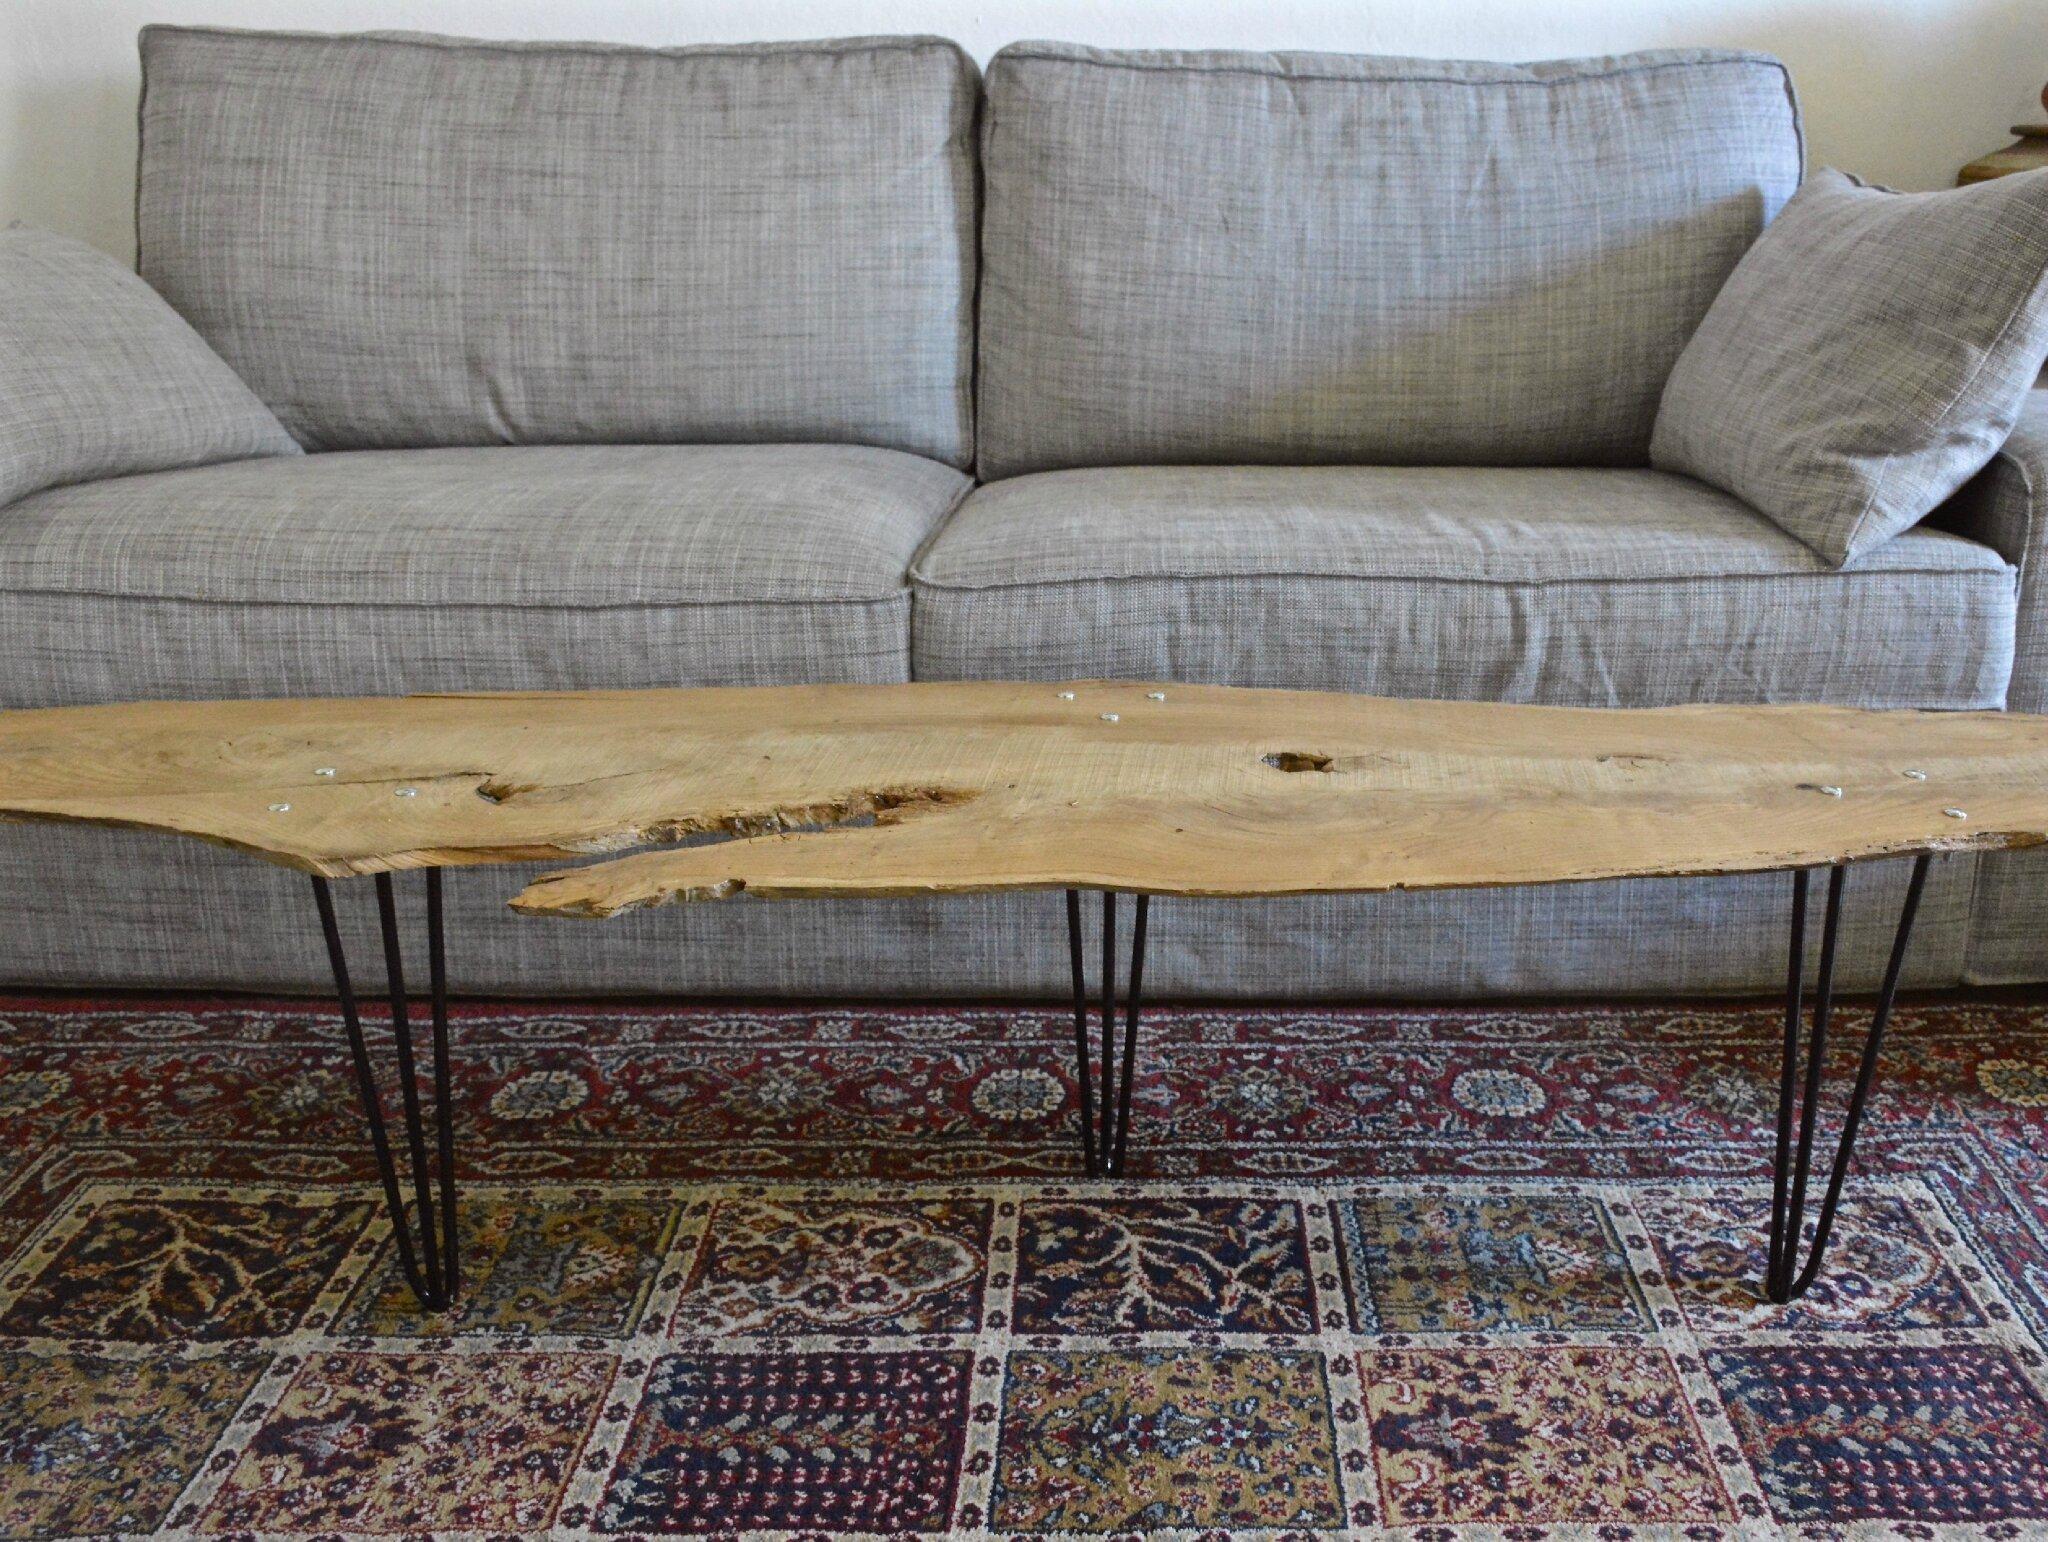 Planche d'arbre sur hairpin legs: table tronc